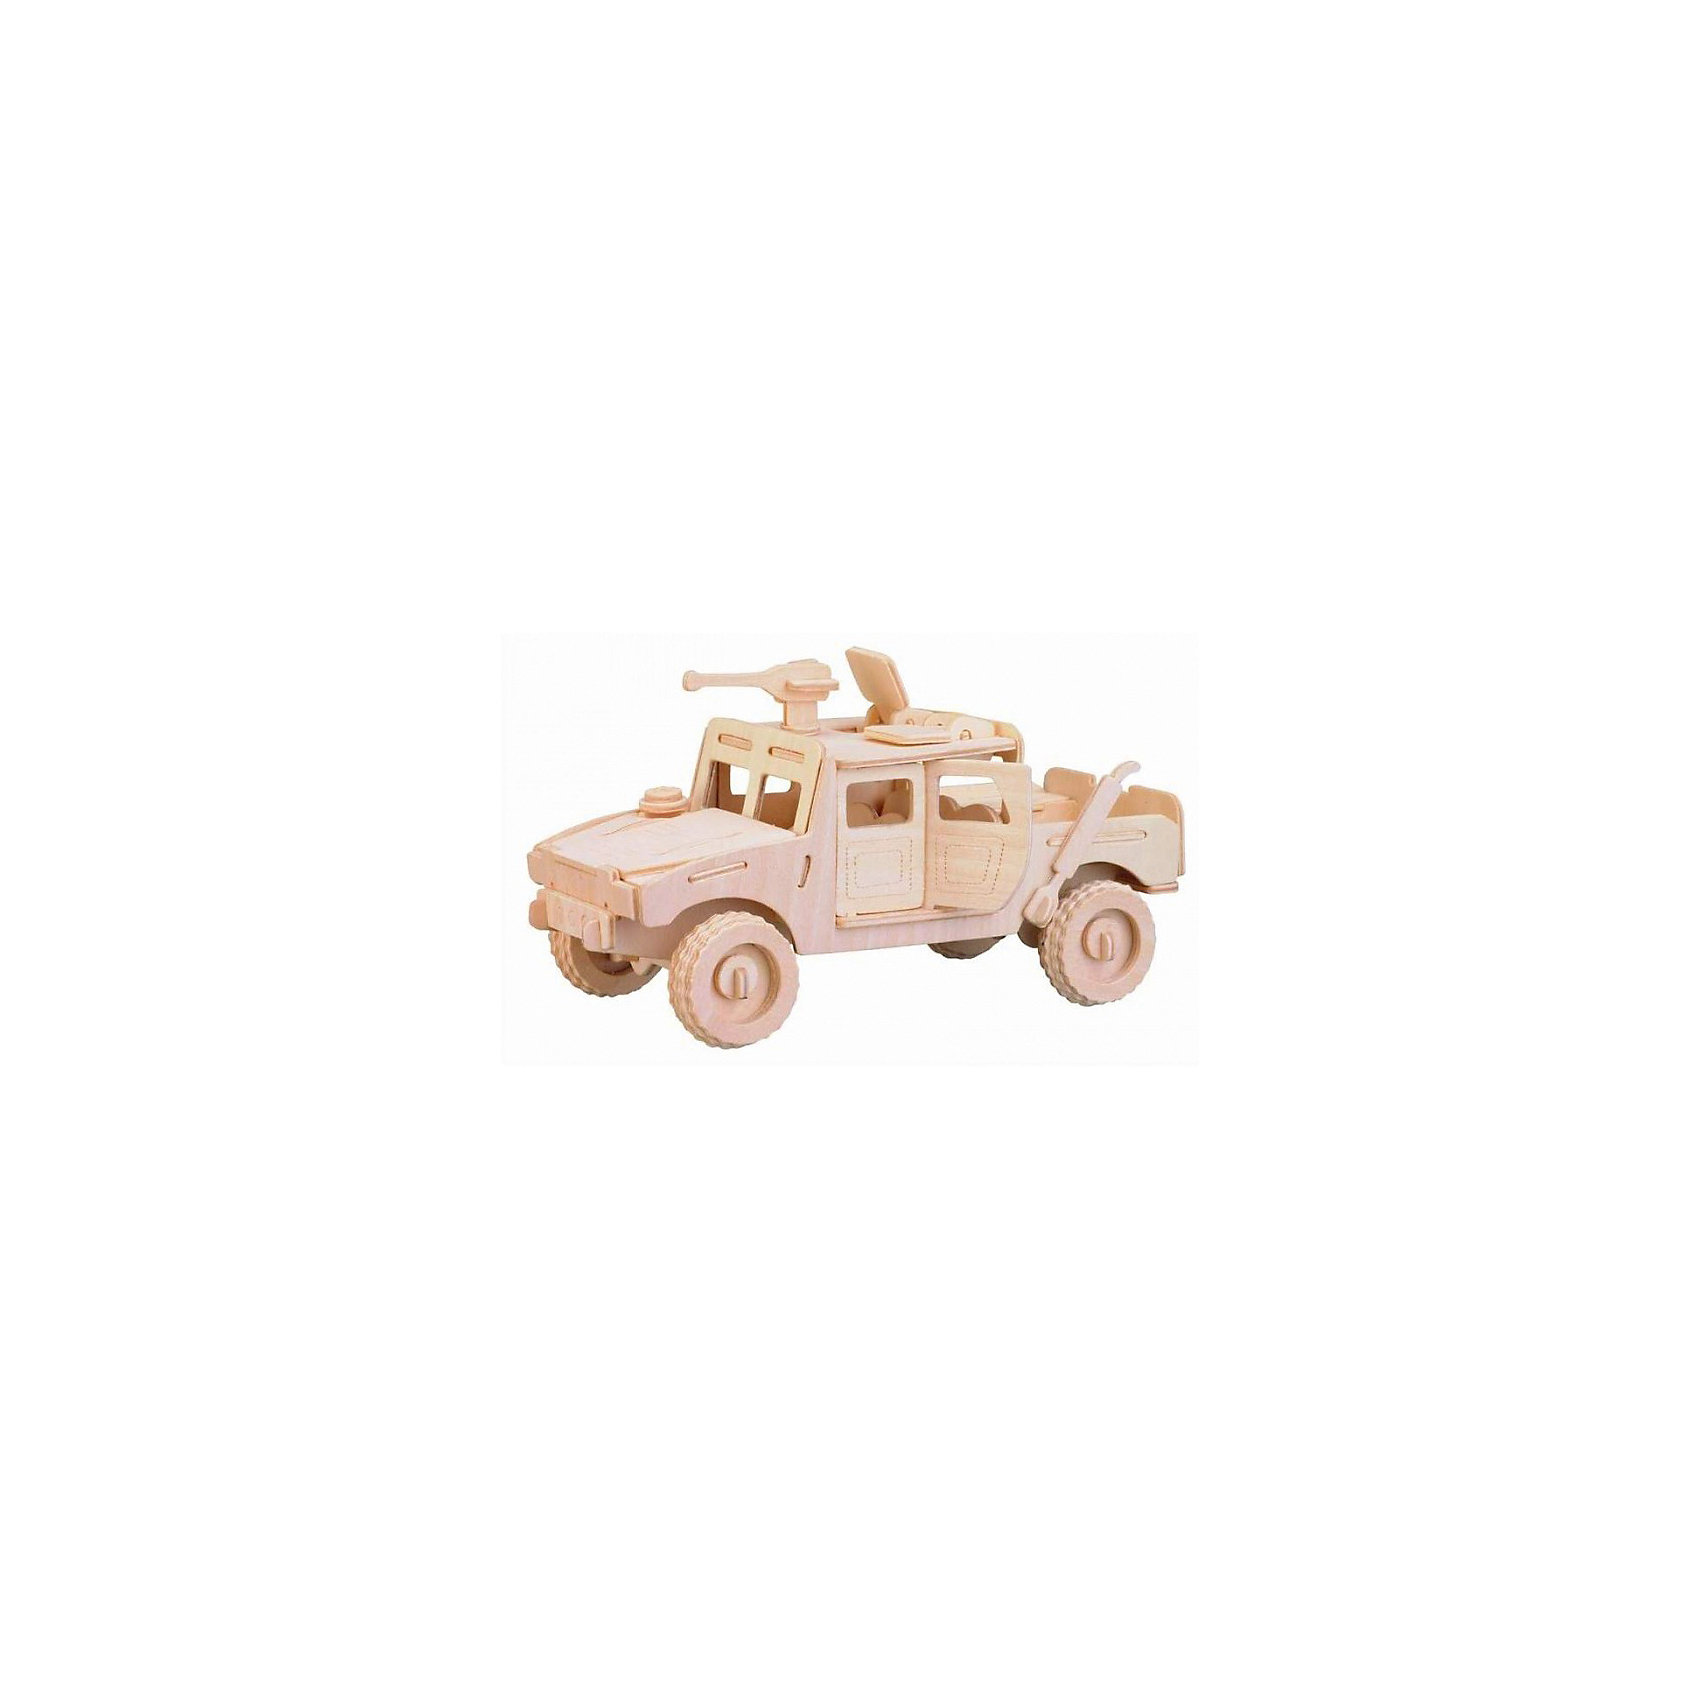 Хаммер, Мир деревянных игрушекПорадовать любящего технику творческого ребенка - легко! Подарите ему этот набор, из которого можно самому сделать красивую деревянную фигуру. Для этого нужно выдавить из пластины с деталями элементы для сборки и соединить их. Из наборов получаются красивые очень реалистичные игрушки, которые могут стать украшением комнаты.<br>Собирая их, ребенок будет развивать пространственное мышление, память и мелкую моторику. А раскрашивая готовое произведение, дети научатся подбирать цвета и будут развивать художественные навыки. Этот набор произведен из качественных и безопасных для детей материалов - дерево тщательно обработано.<br><br>Дополнительная информация:<br><br>материал: дерево;<br>цвет: бежевый;<br>элементы: пластины с деталями для сборки, схема сборки;<br>размер упаковки: 23 х 37 см.<br><br>3D-пазл Хаммер от бренда Мир деревянных игрушек можно купить в нашем магазине.<br><br>Ширина мм: 350<br>Глубина мм: 50<br>Высота мм: 225<br>Вес г: 9999<br>Возраст от месяцев: 36<br>Возраст до месяцев: 144<br>Пол: Мужской<br>Возраст: Детский<br>SKU: 4969150